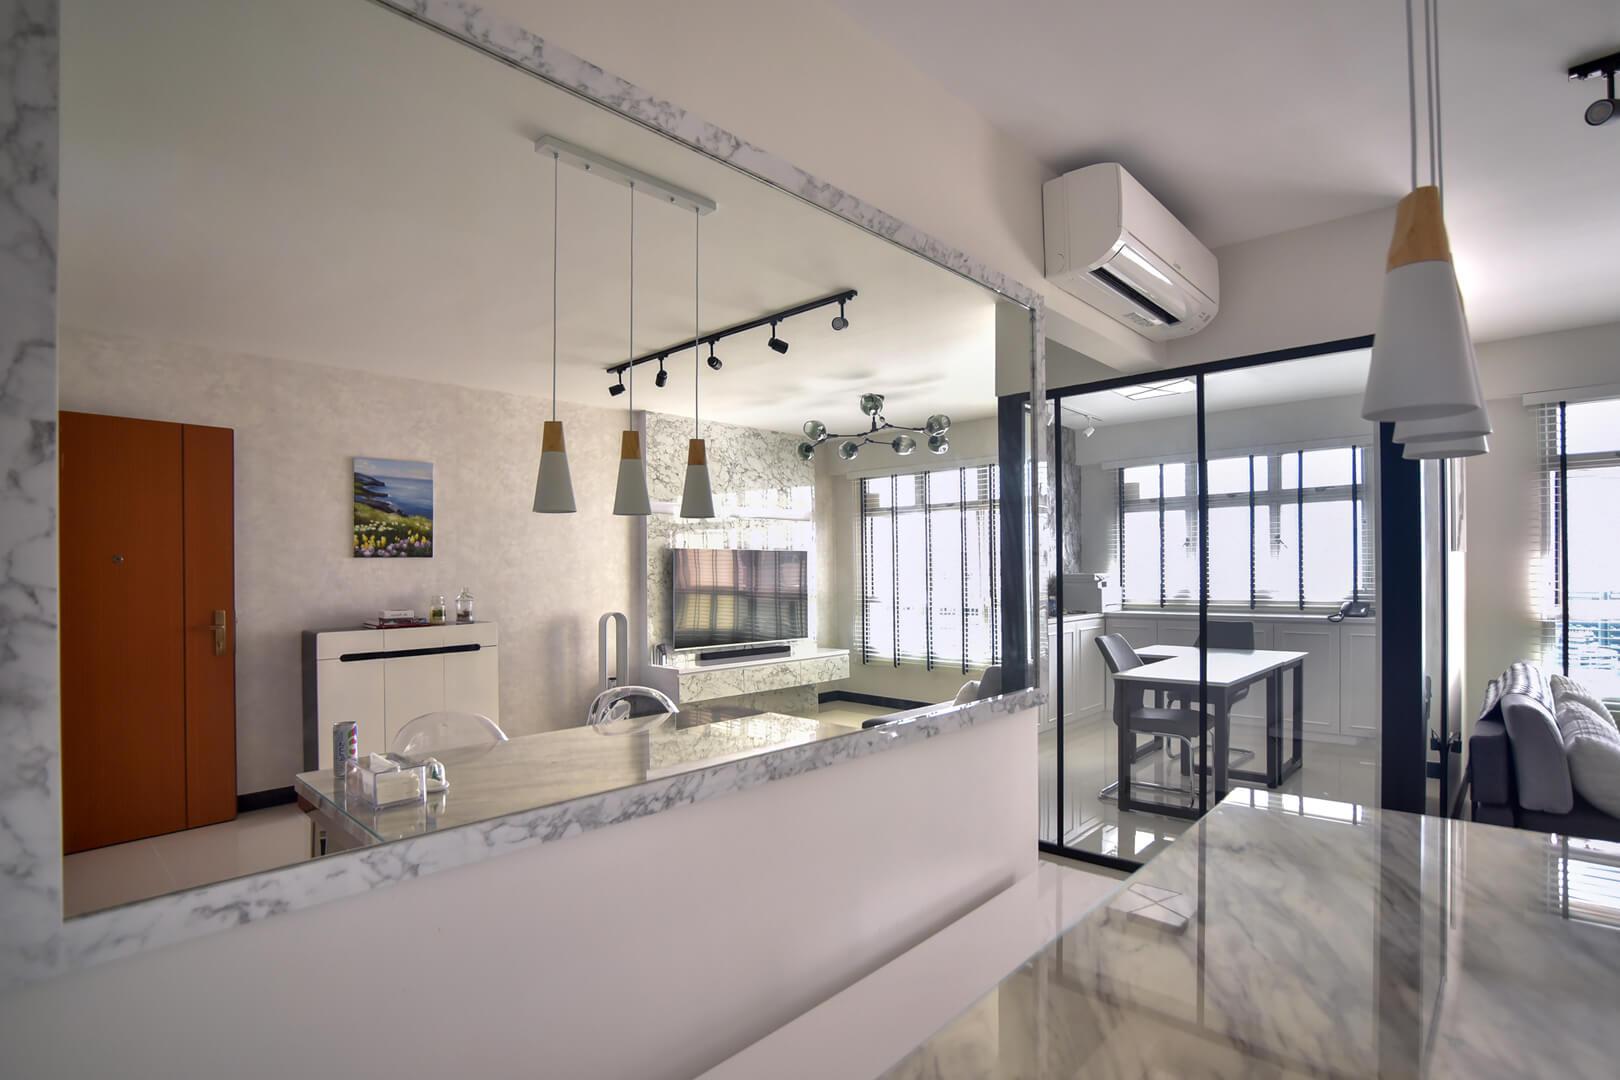 White Monochrome Interior Design Kitchen View